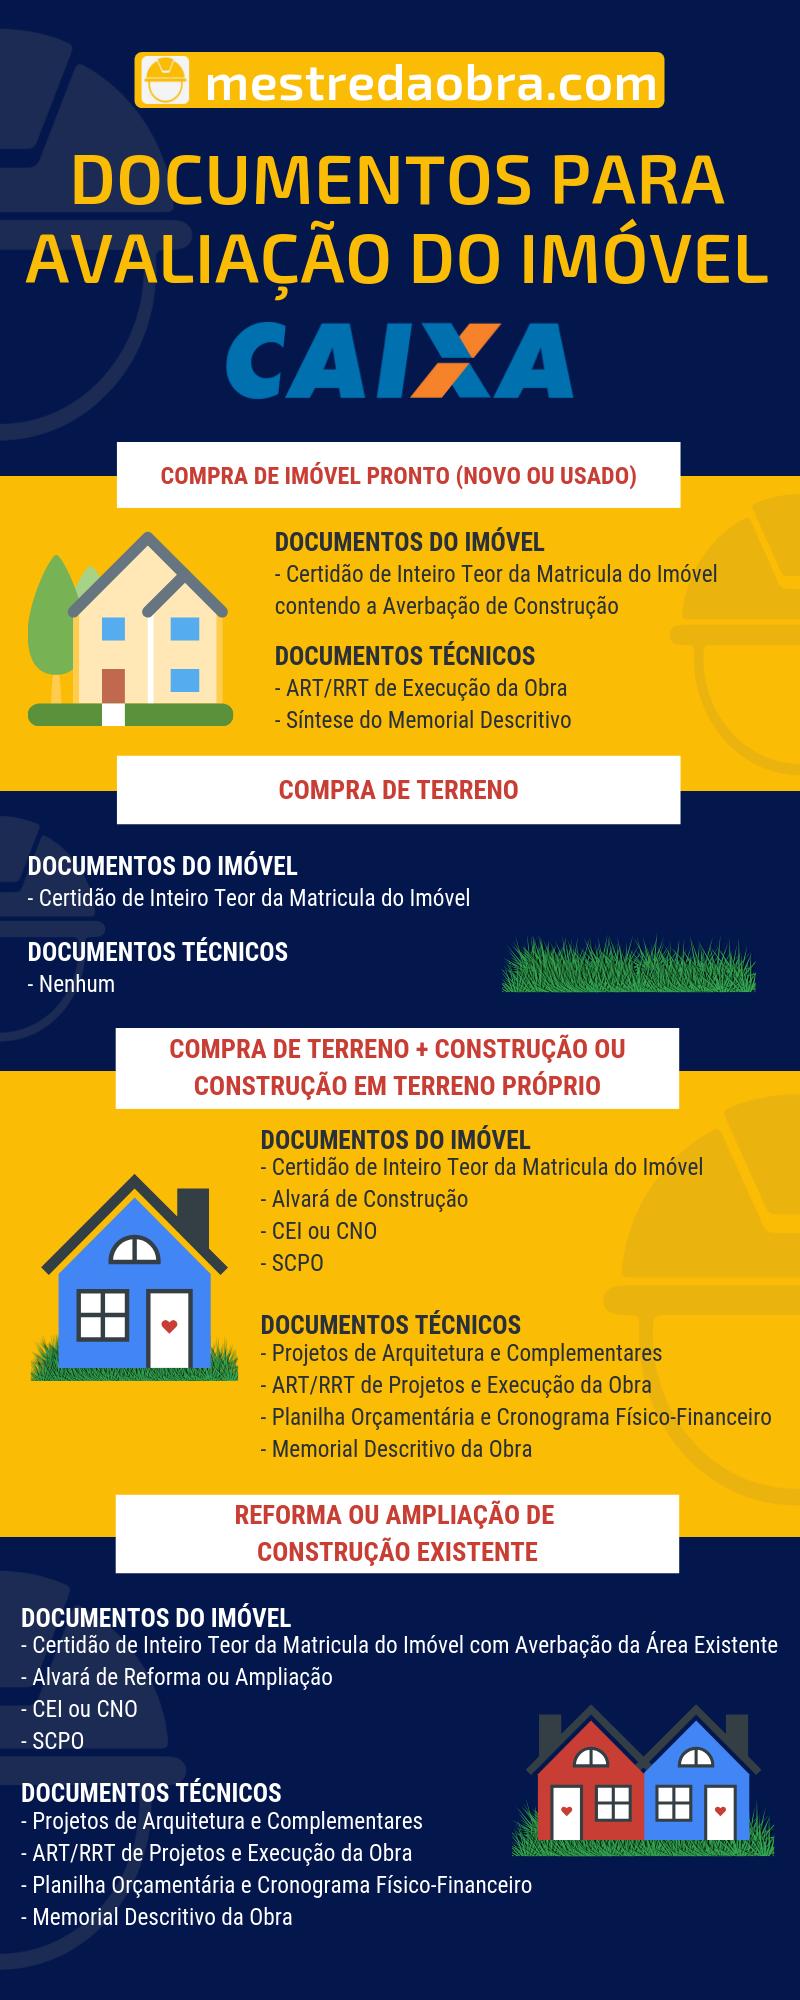 Documentos Necessarios Avaliacao Caixa - Como a Caixa faz a aprovação do imóvel para financiamento imobiliário